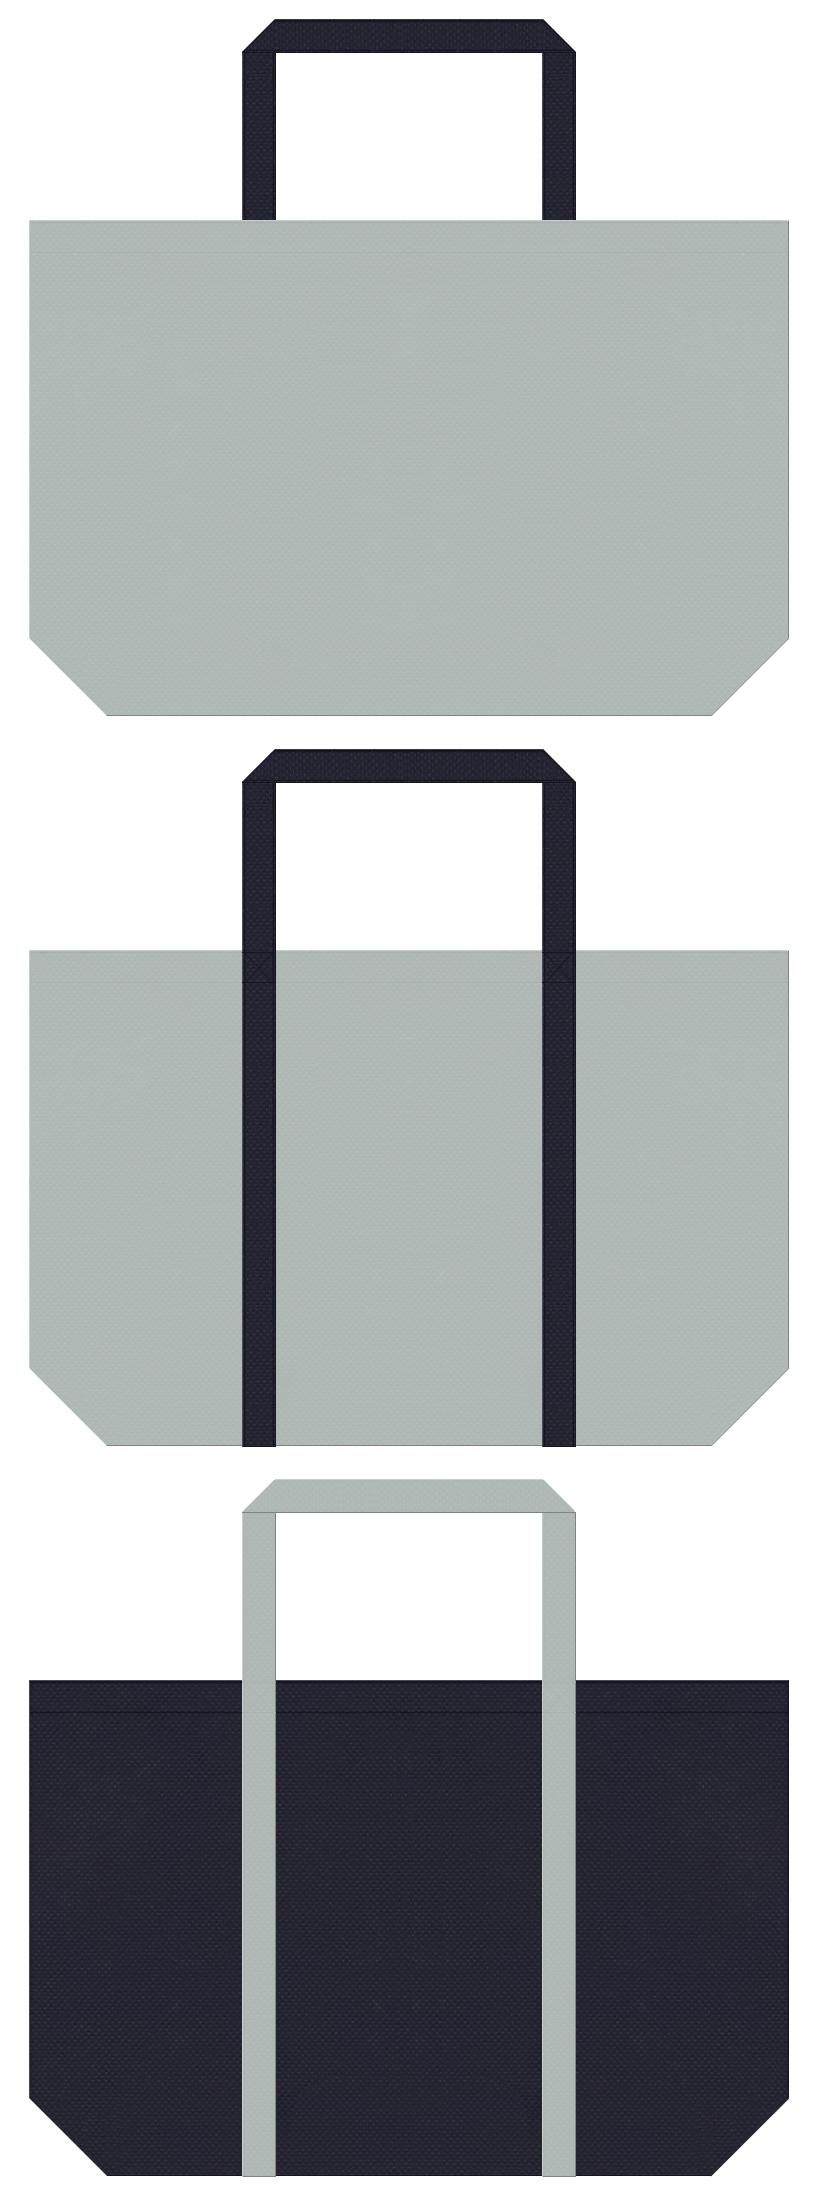 学術、専門書等の書籍イベントのバッグノベルティにお奨めのコーデ。グレー色と濃紺色の不織布エコバッグのデザイン。